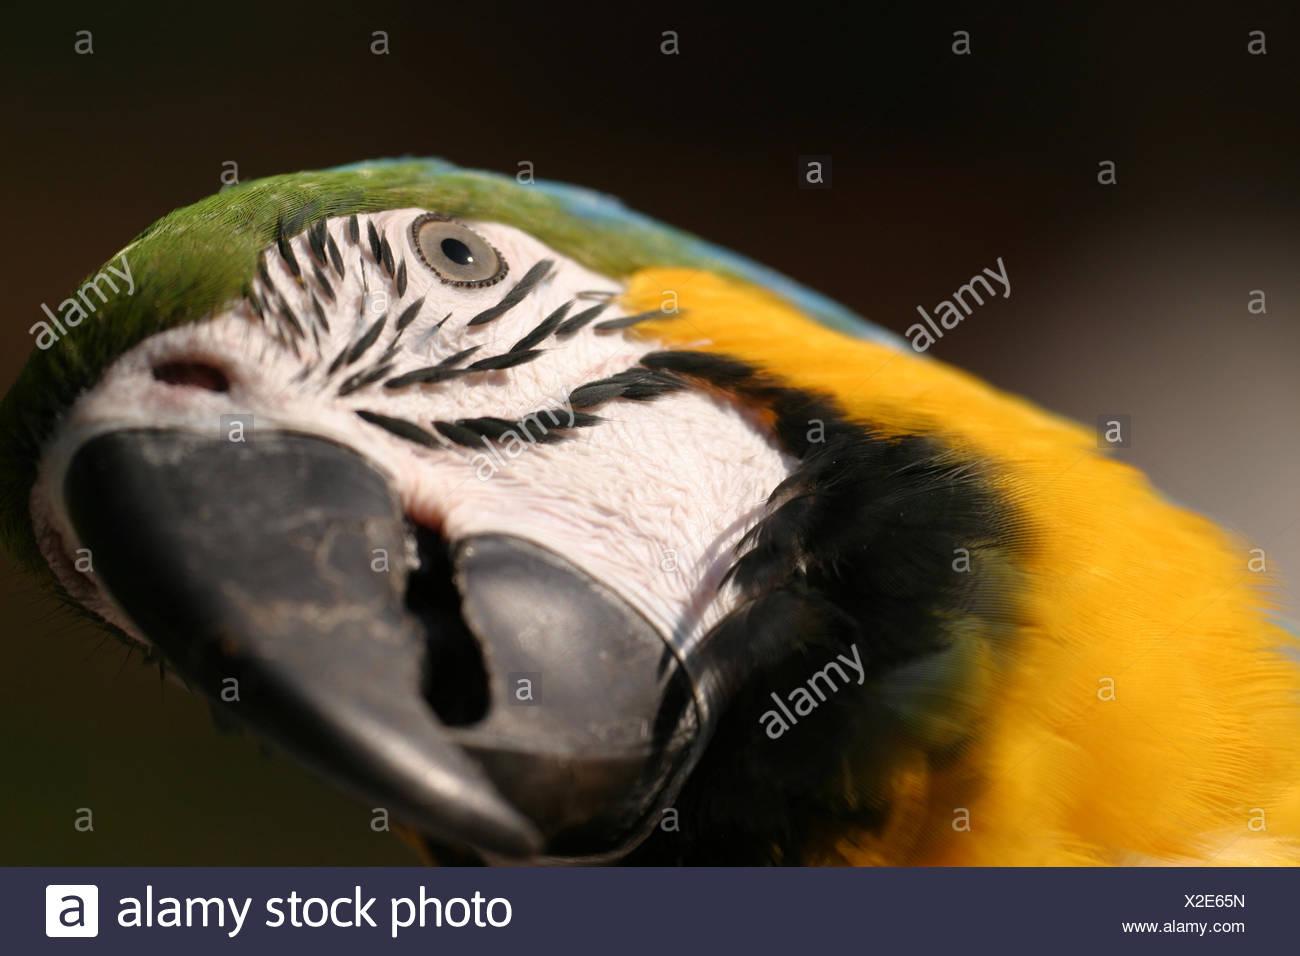 Berühmt Böse Vögel Farbseiten Ideen - Malvorlagen Ideen - blogsbr.info